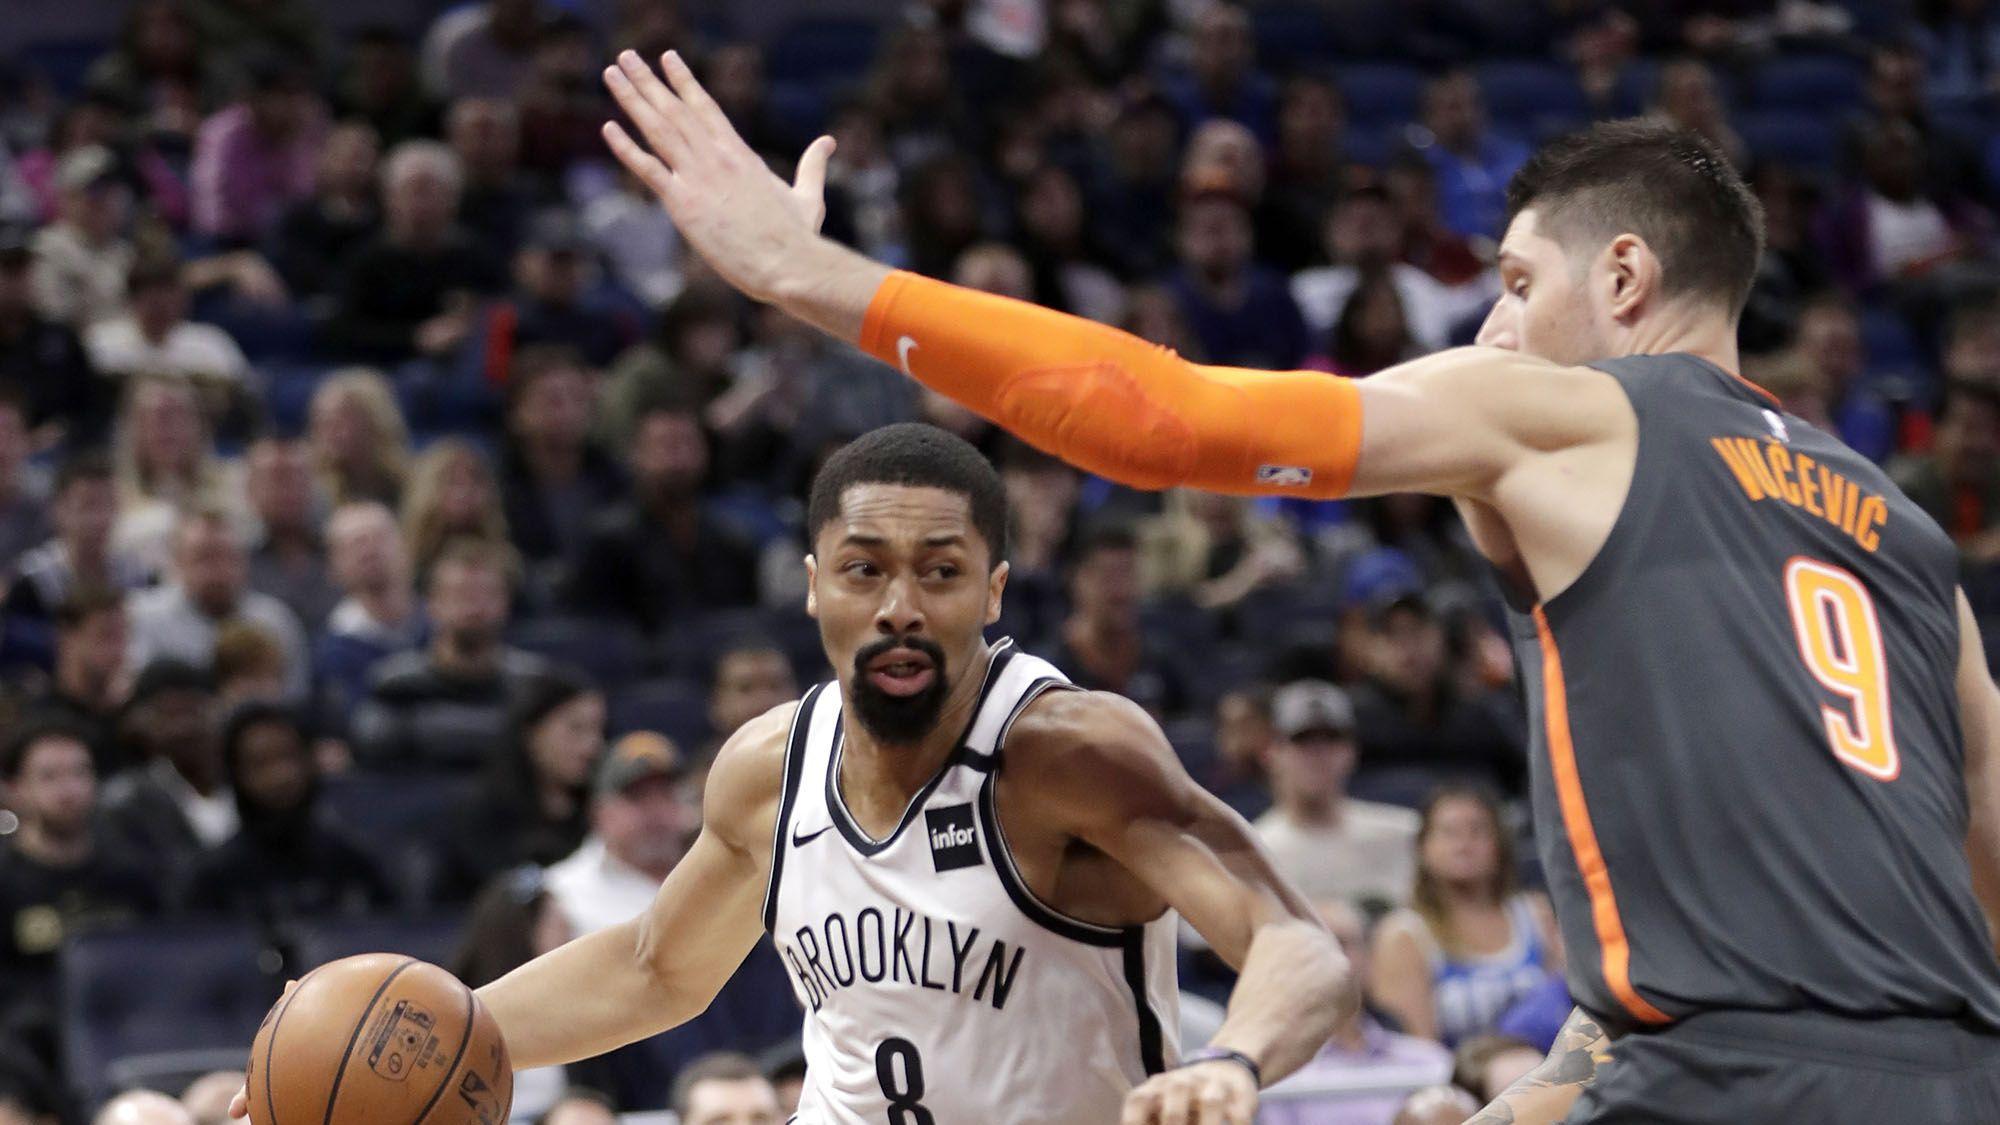 NBAのスター選手、3年契約をトークン化して「前借り」